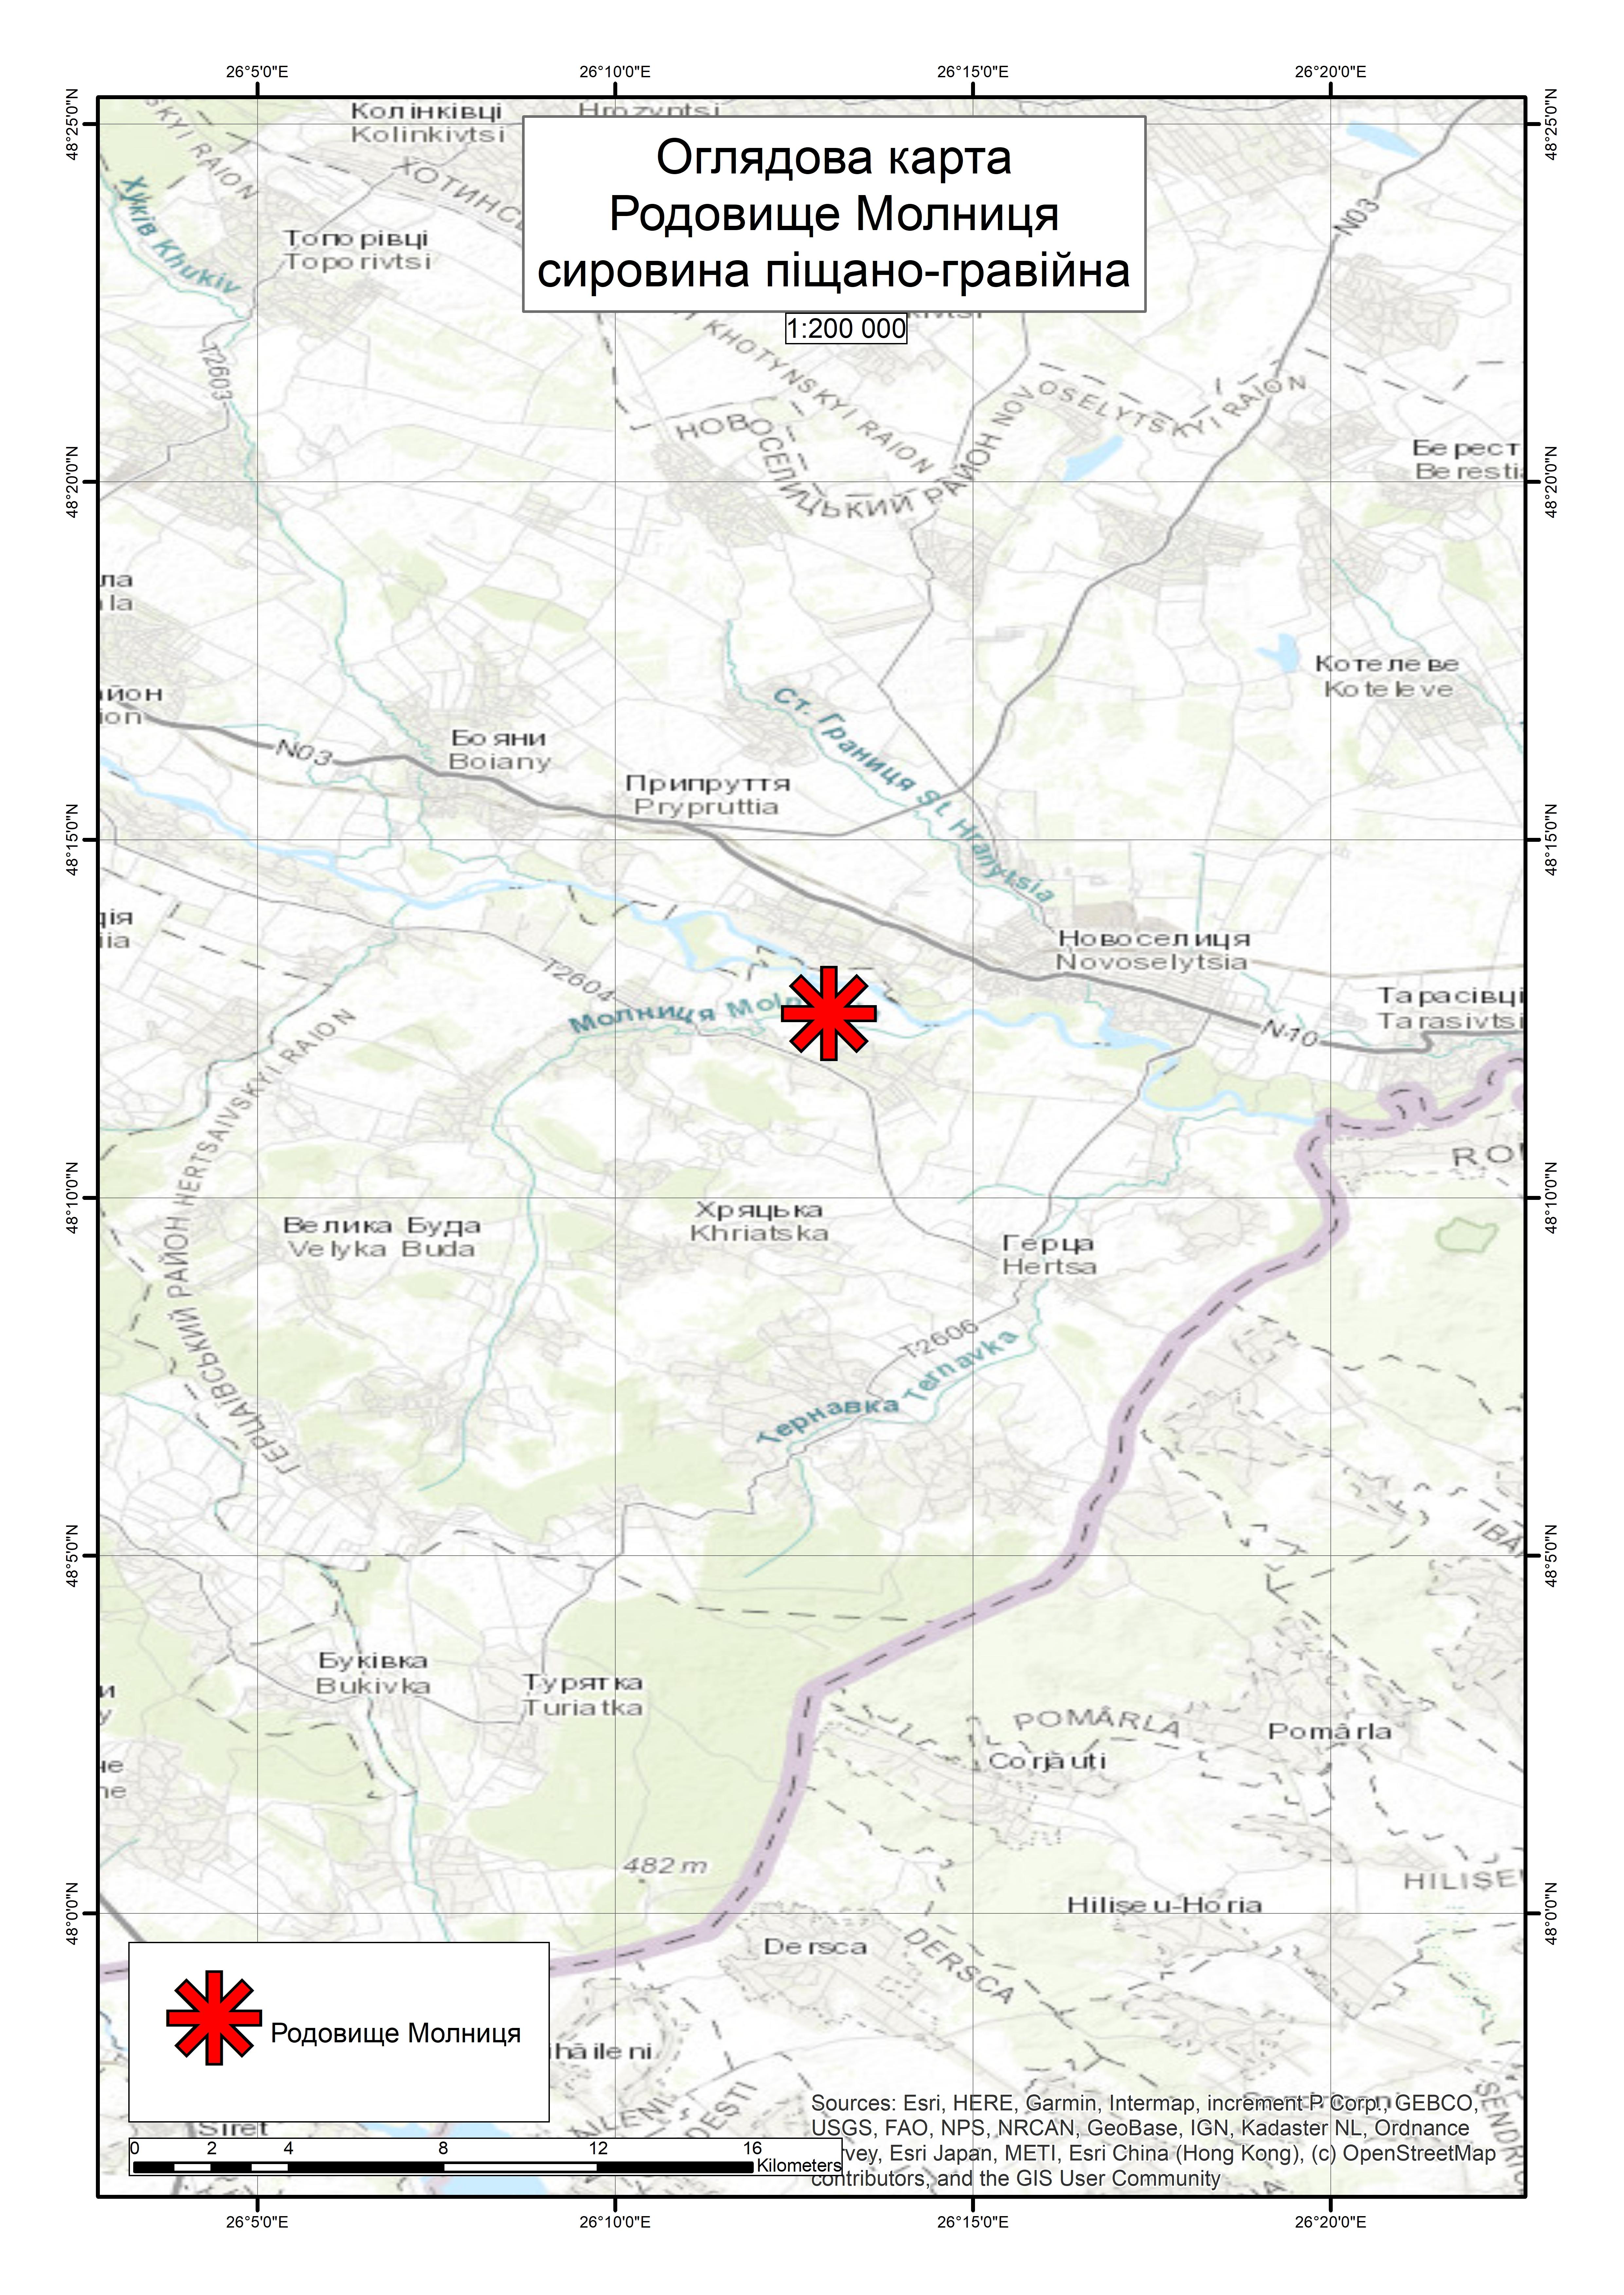 Спеціальний дозвіл на користування надрами – Родовище Молниця. Вартість геологічної інформації – 80 611,36 грн (з ПДВ). Вартість пакету аукціонної документації – 15 381,54 грн (з ПДВ).